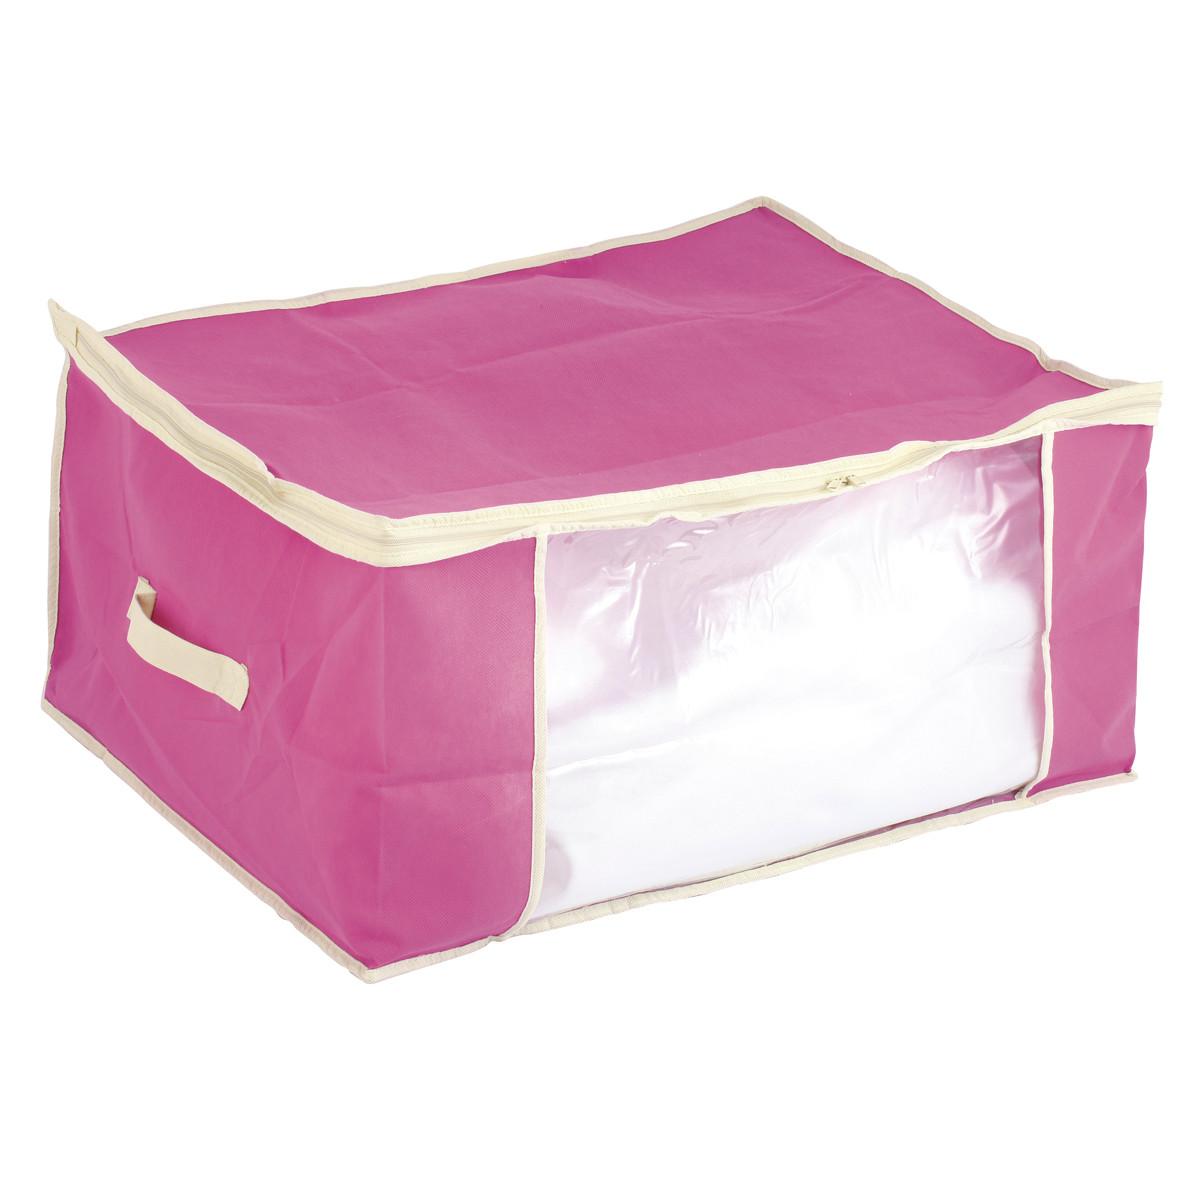 Θήκη Φύλαξης (60x45x30) εstia 03-4736 Pink home   κρεβατοκάμαρα   οργάνωση ντουλάπας